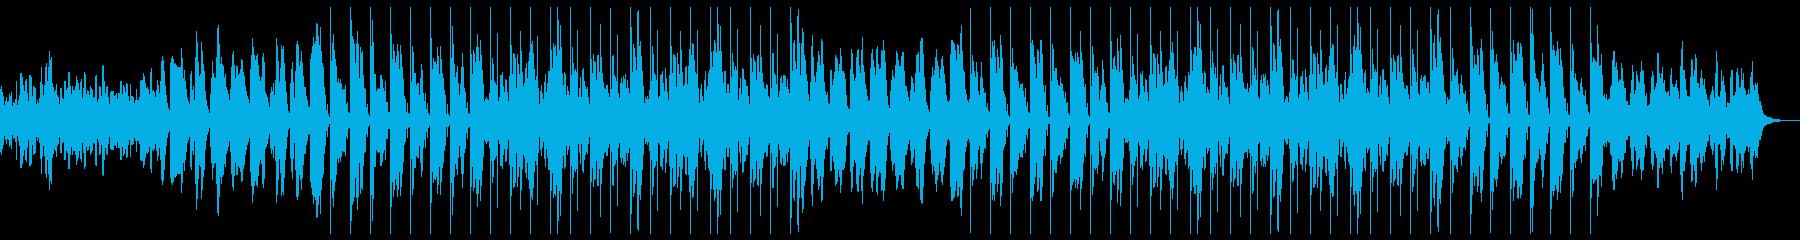 異国感のあるヒップホップBGMの再生済みの波形